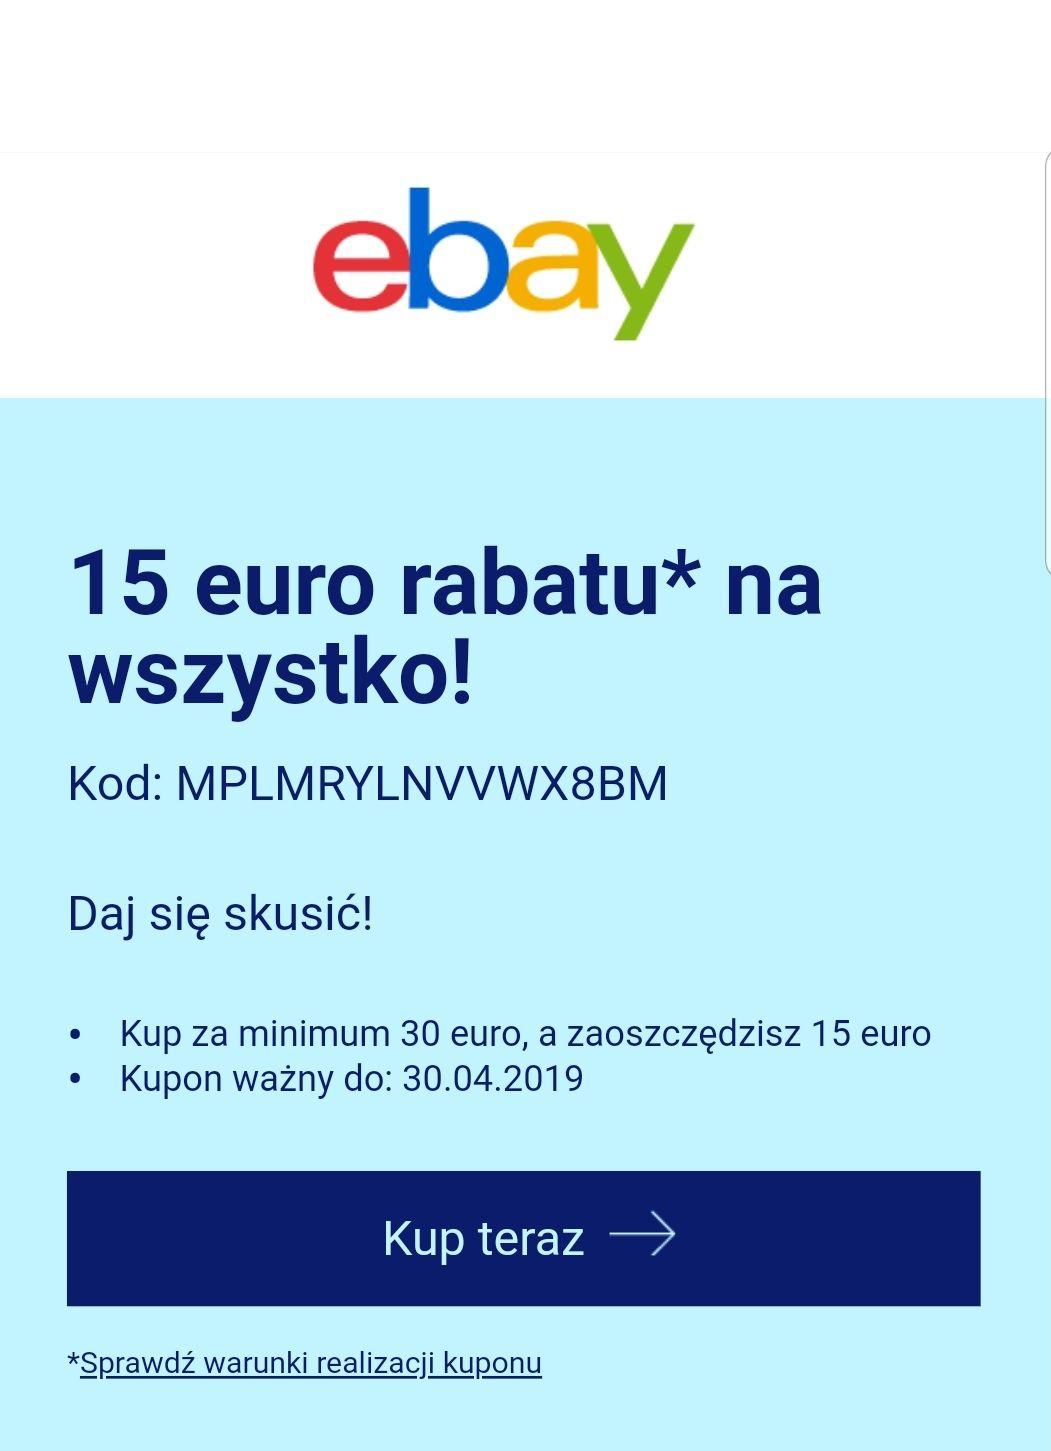 15 euro rabatuna wszystko!